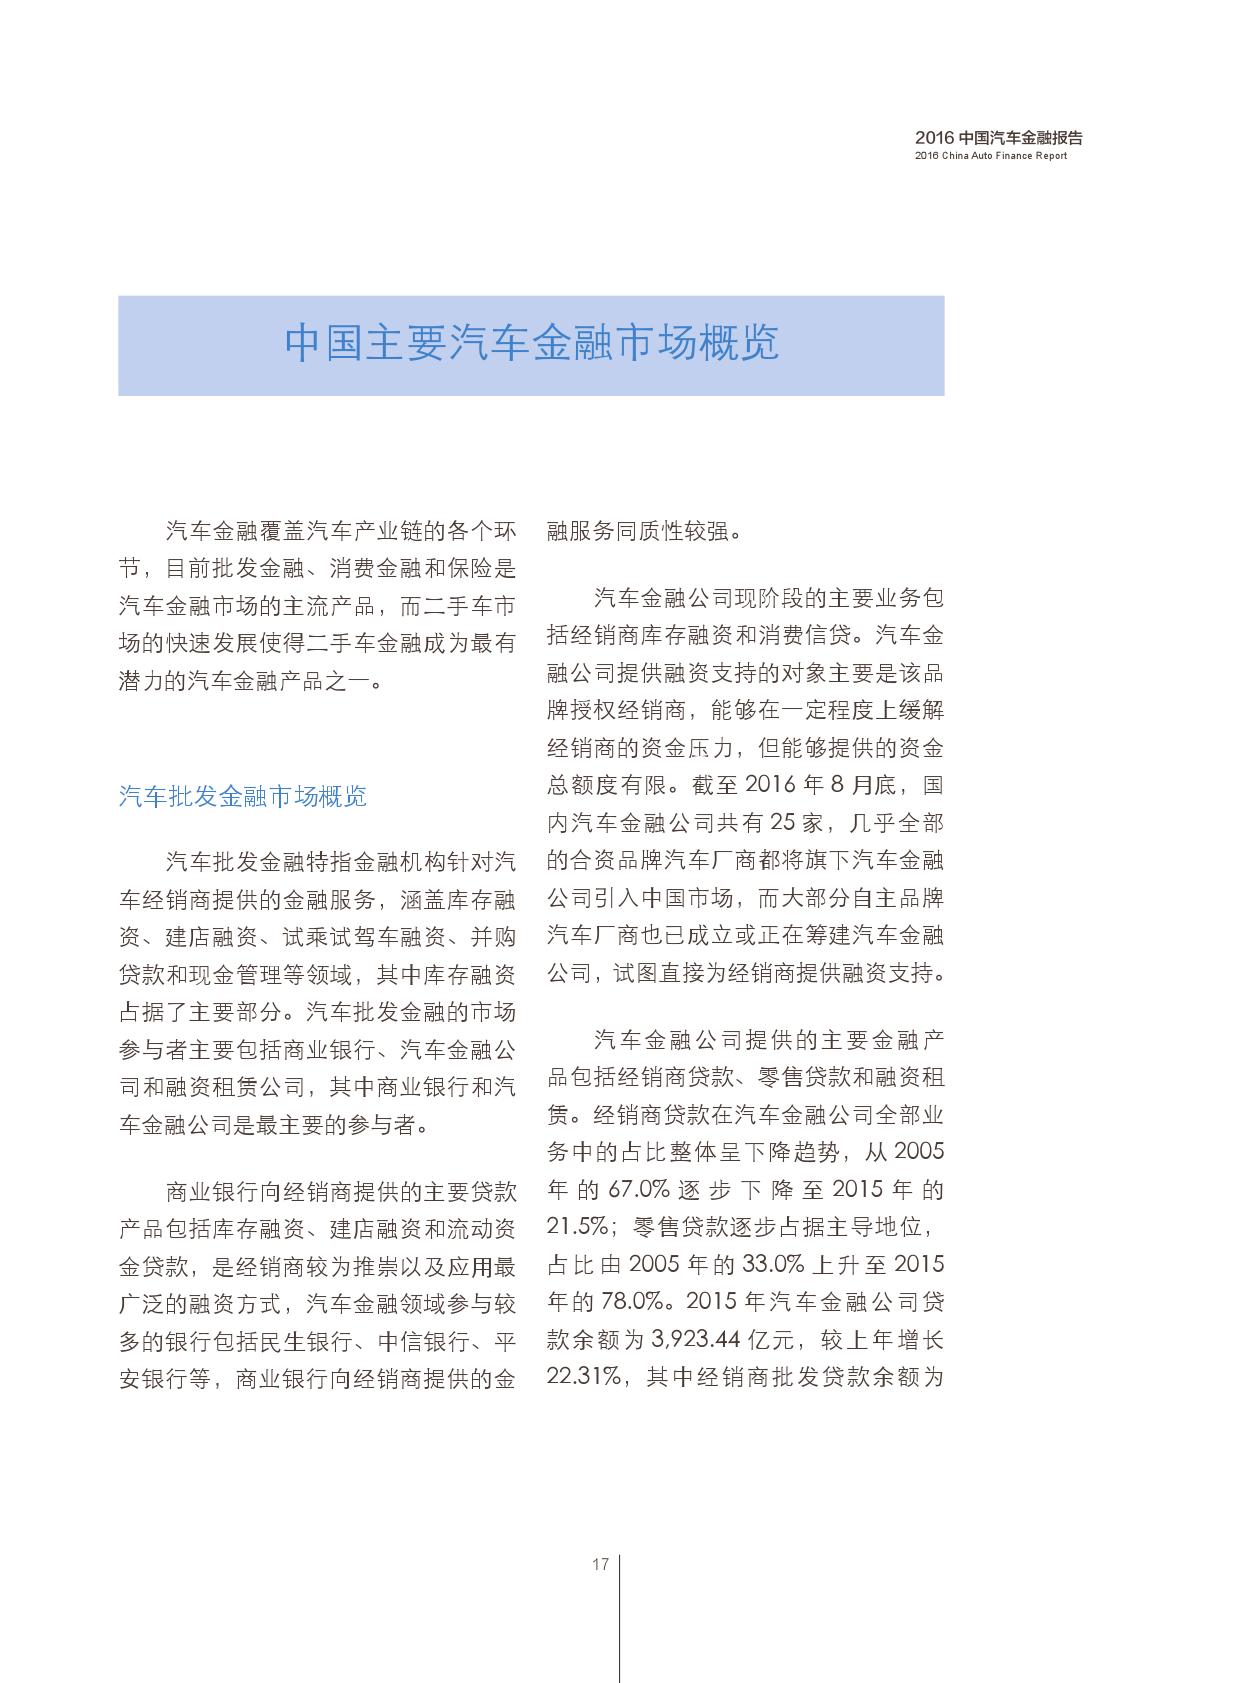 2016中国汽车金融报告_000018